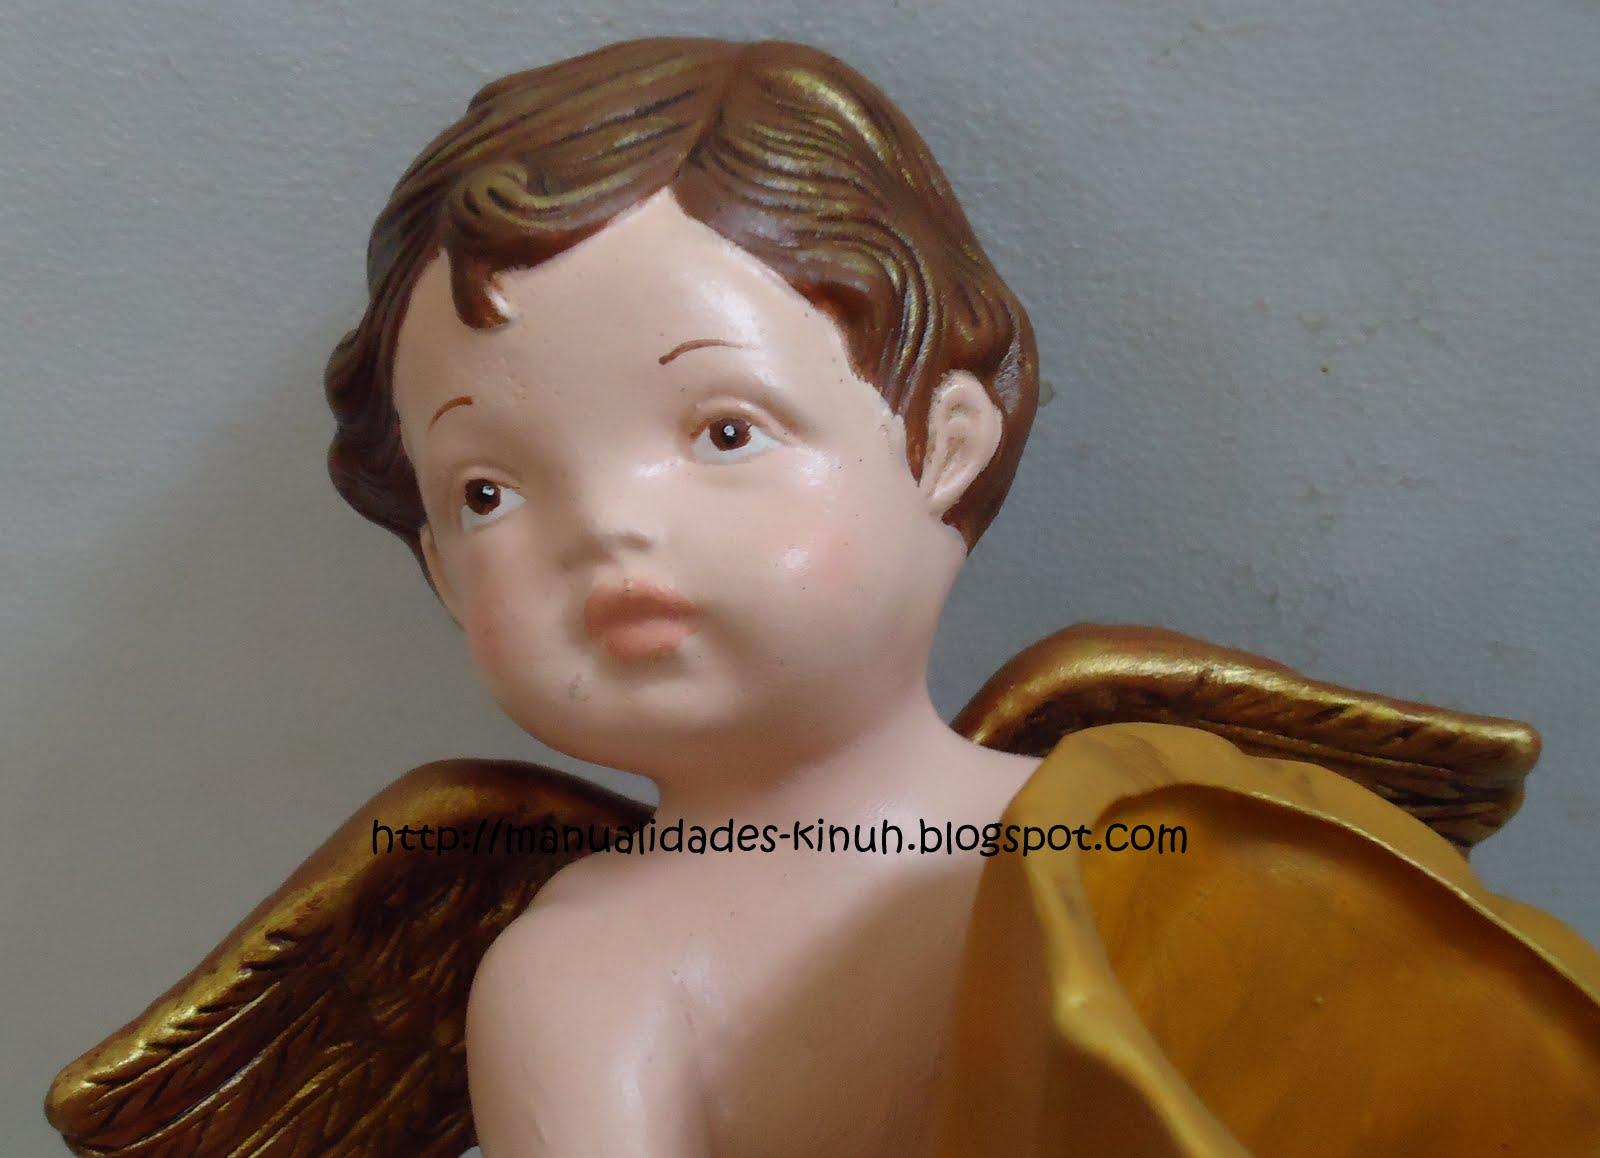 Manualides artcraft handcraft ceramica angel de la - Angelitos de yeso ...